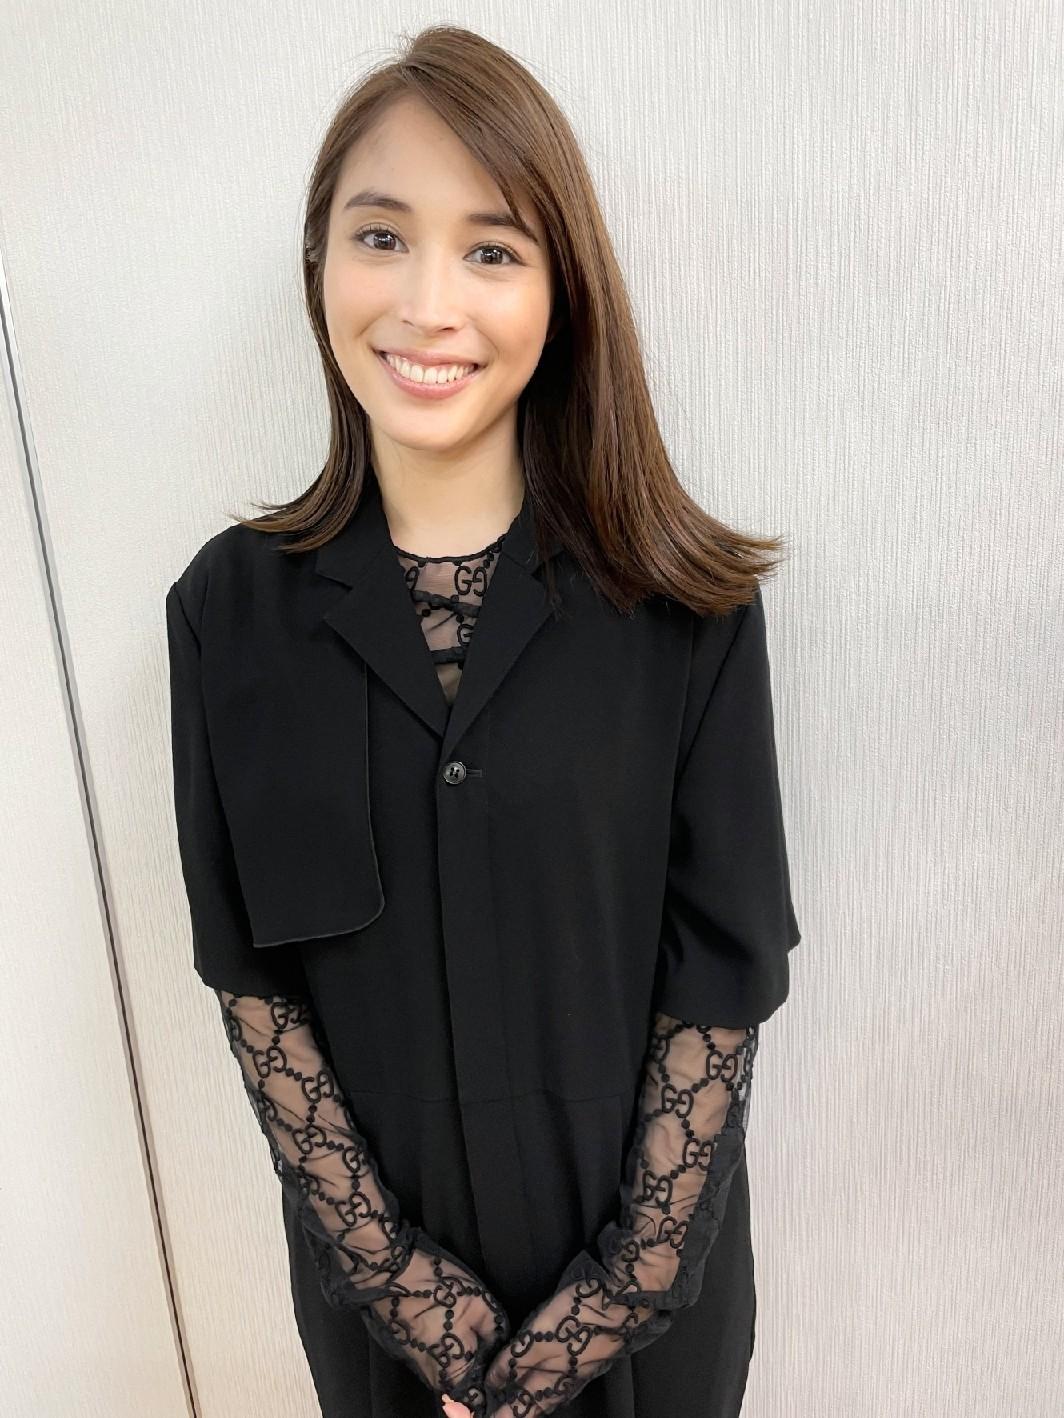 可愛い可愛い広瀬アリス姫♪_d0339889_17260302.jpg